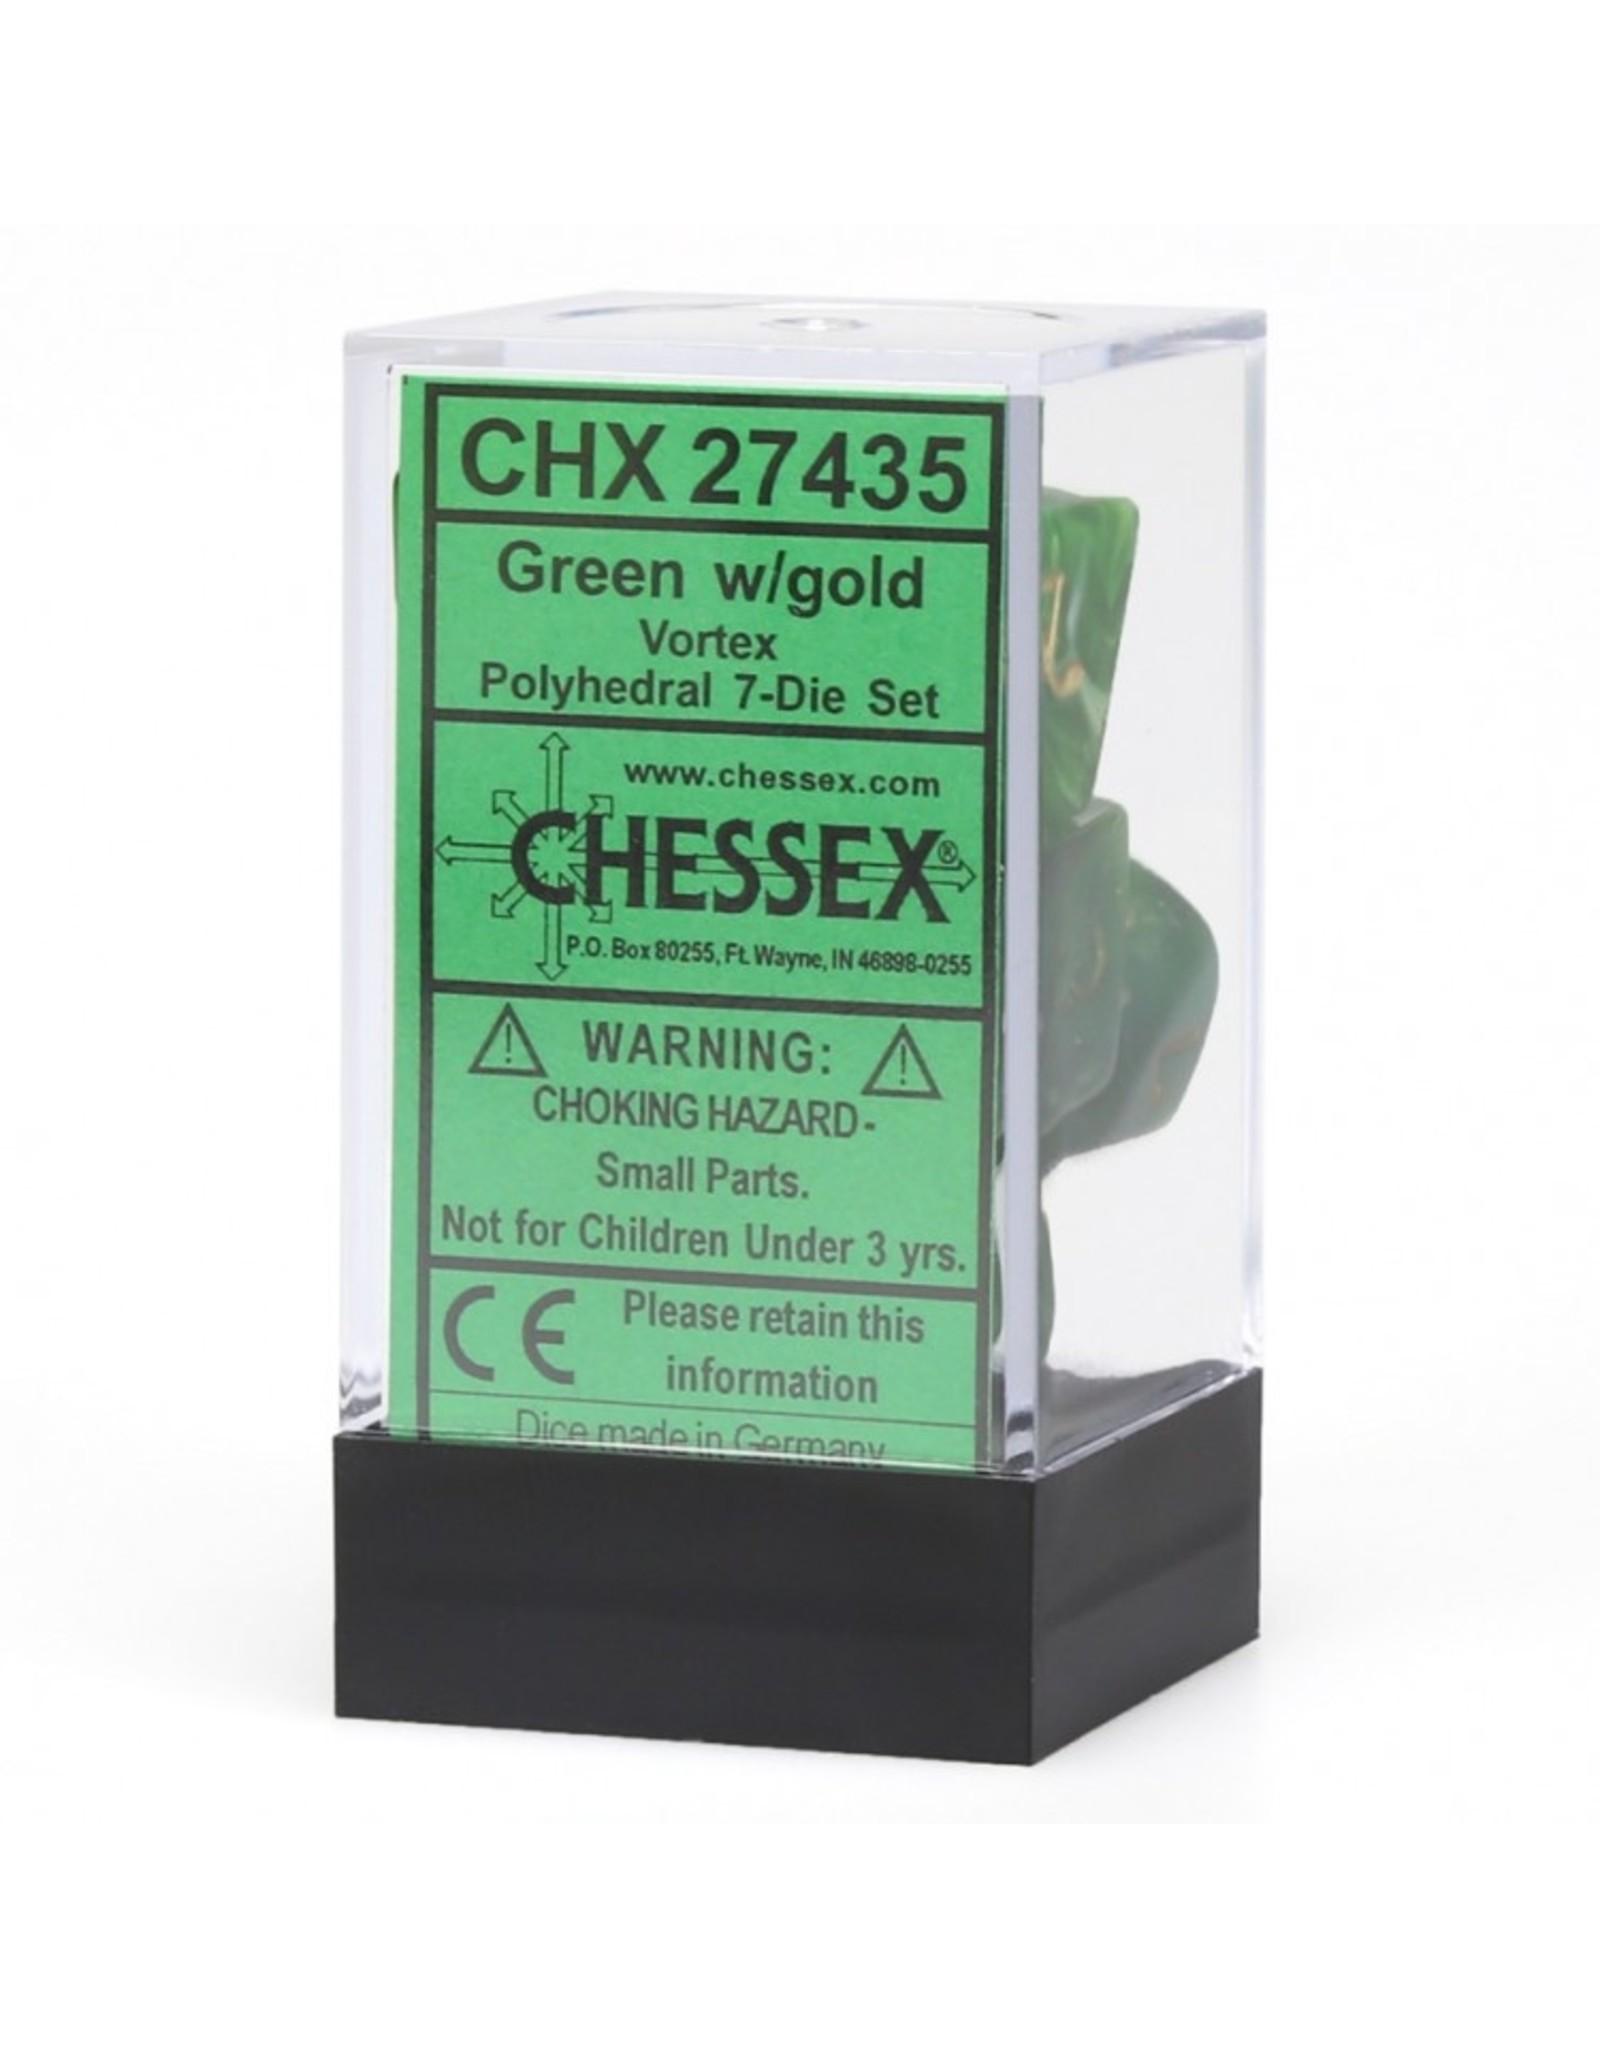 Chessex 7-Set Polyhedral Vortex Dice - Green/Gold